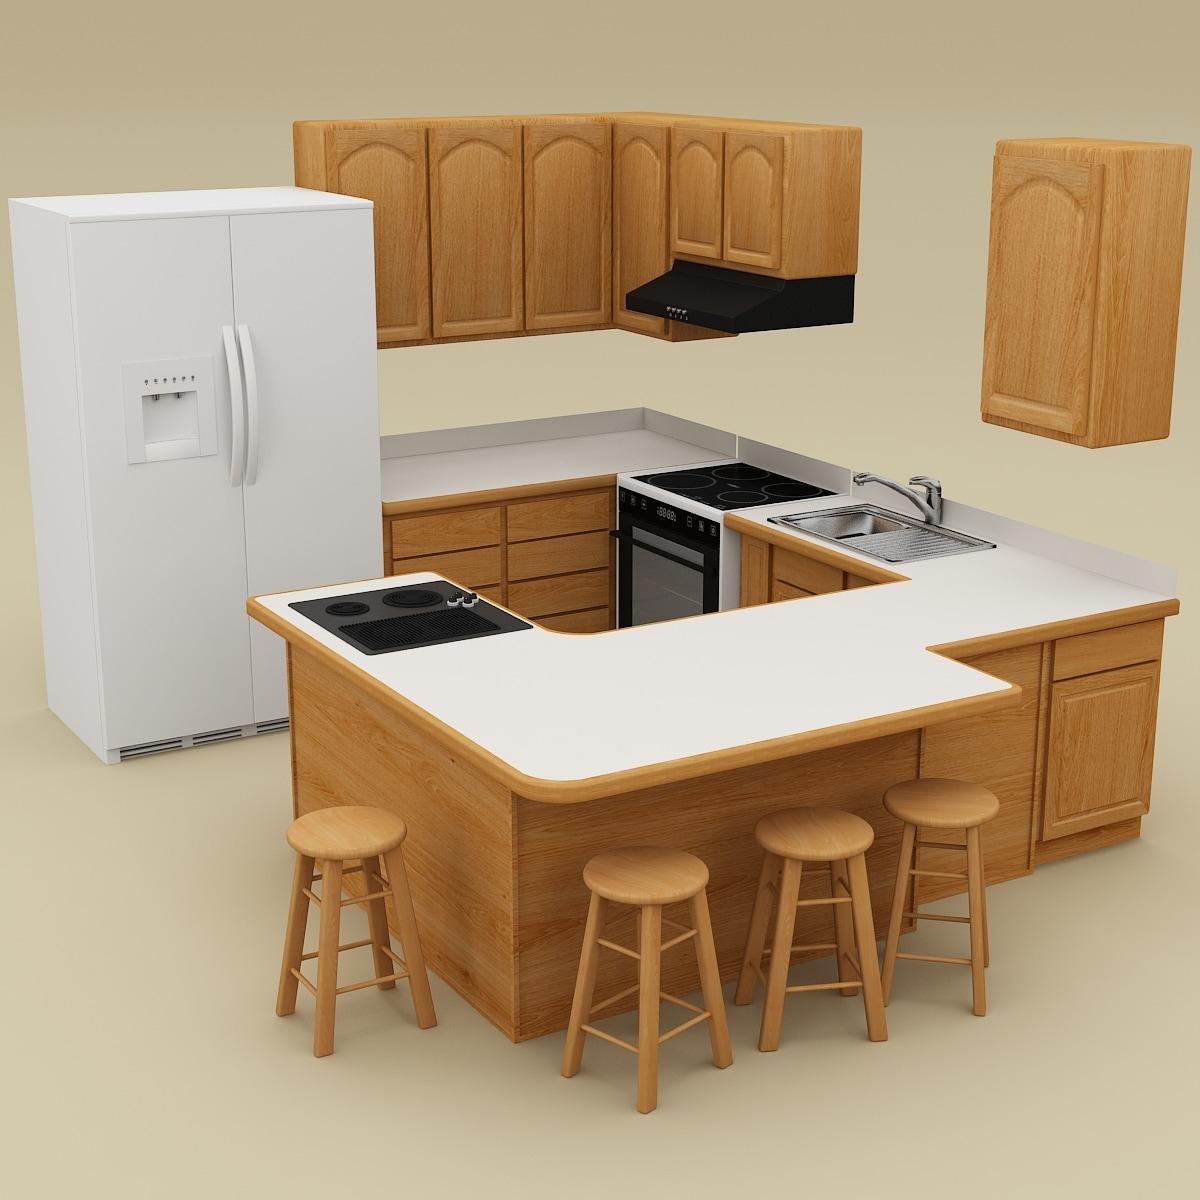 kitchen 20 3ds